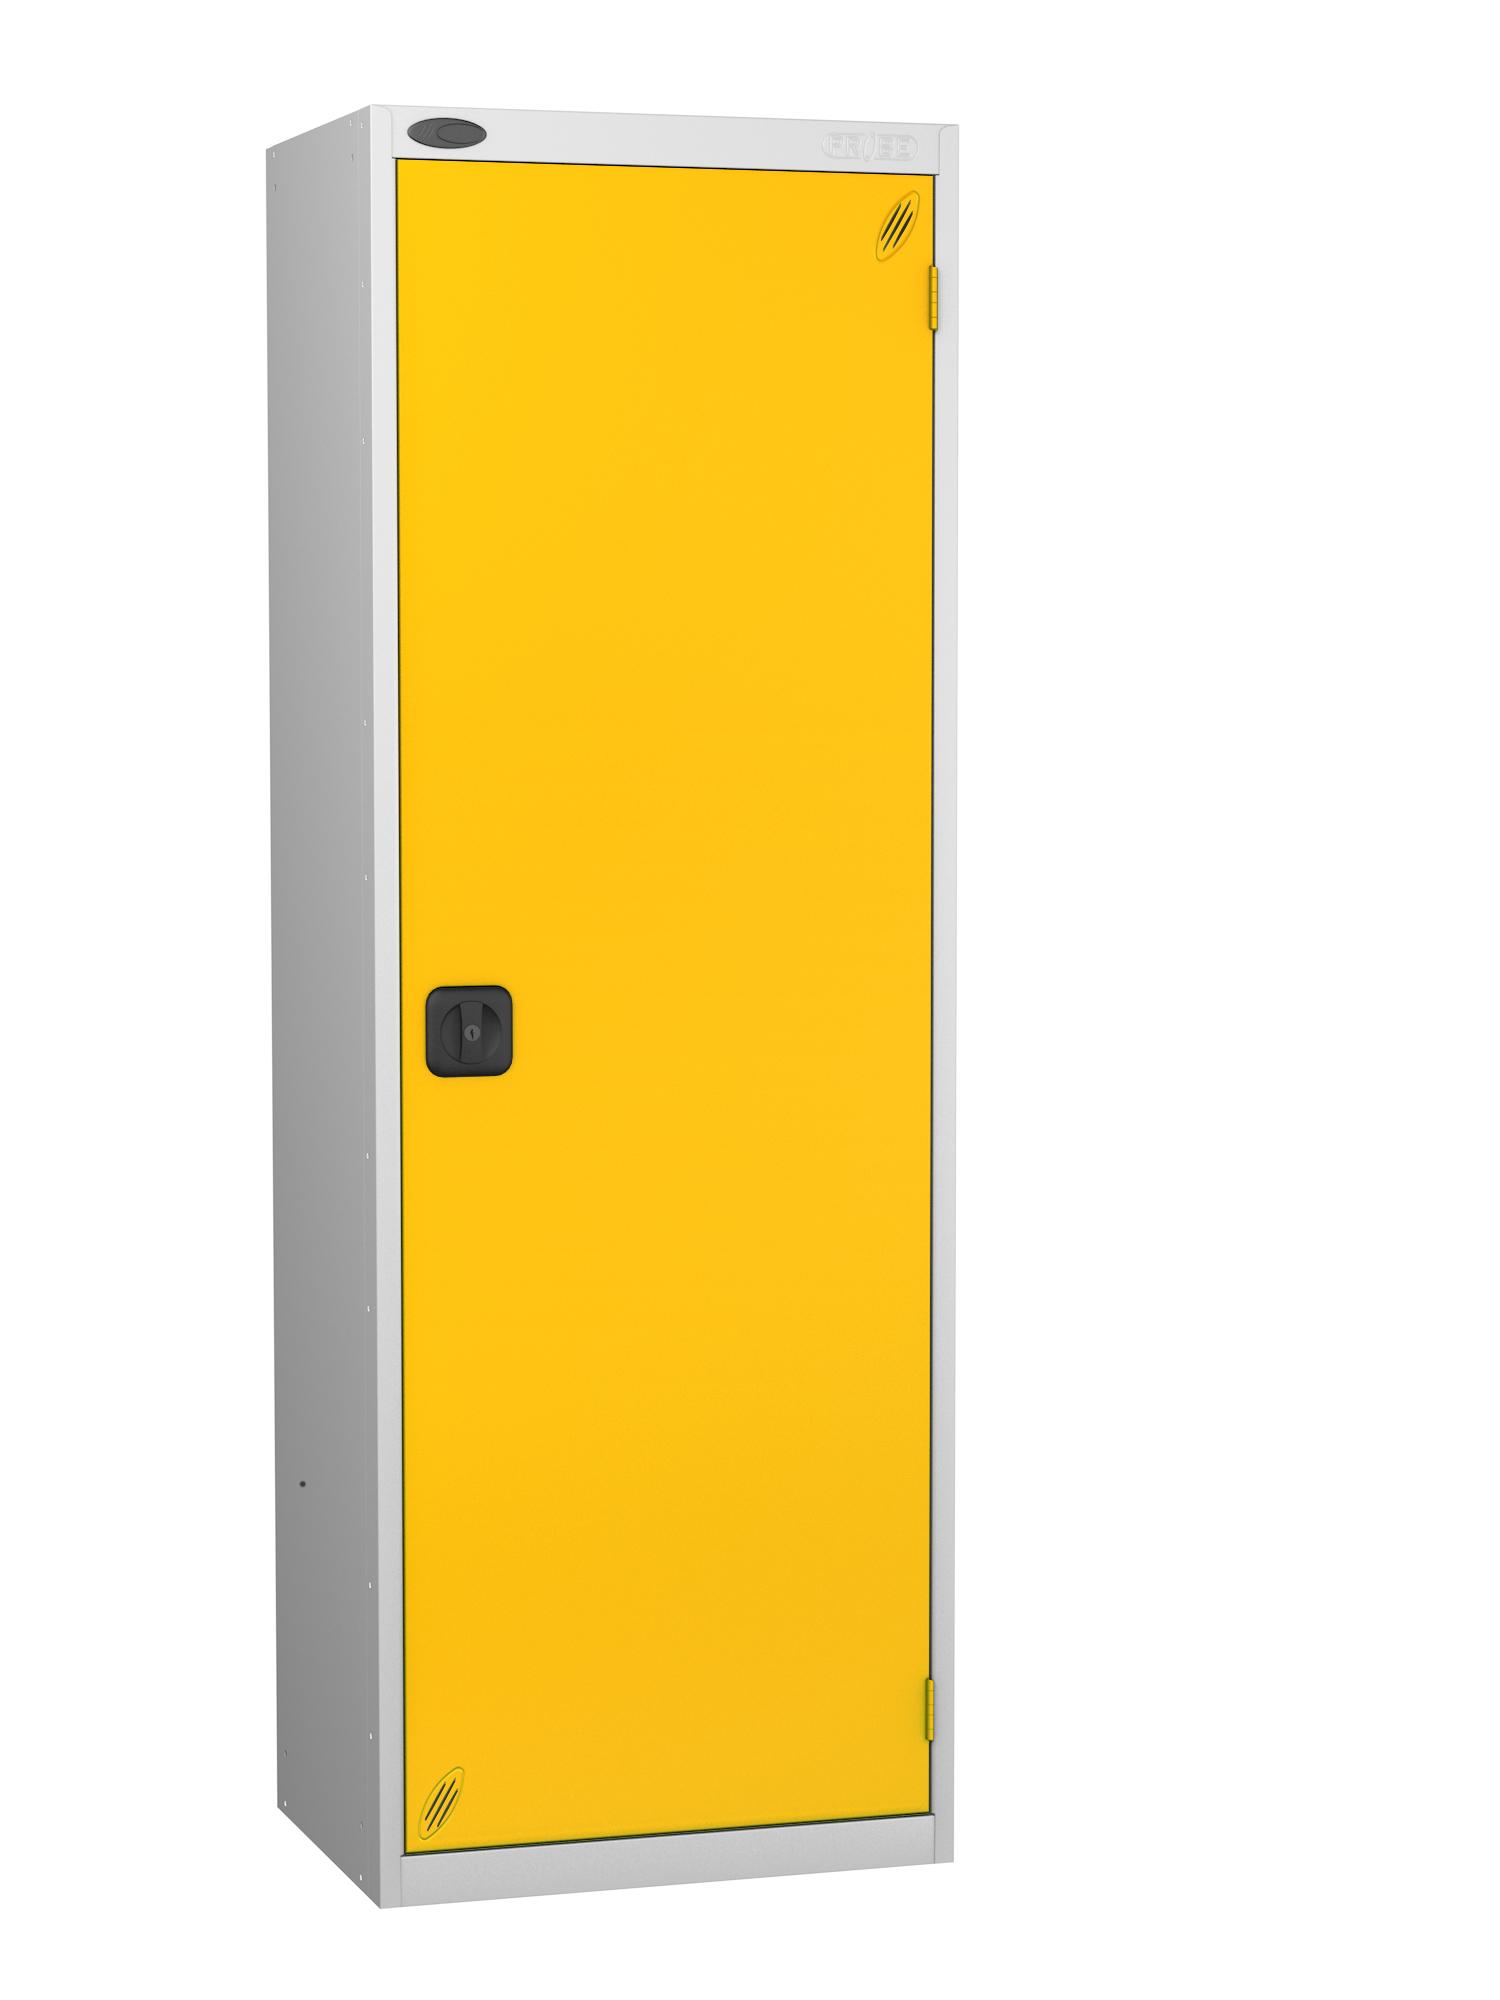 Probe high capacity specialist locker with yellow door